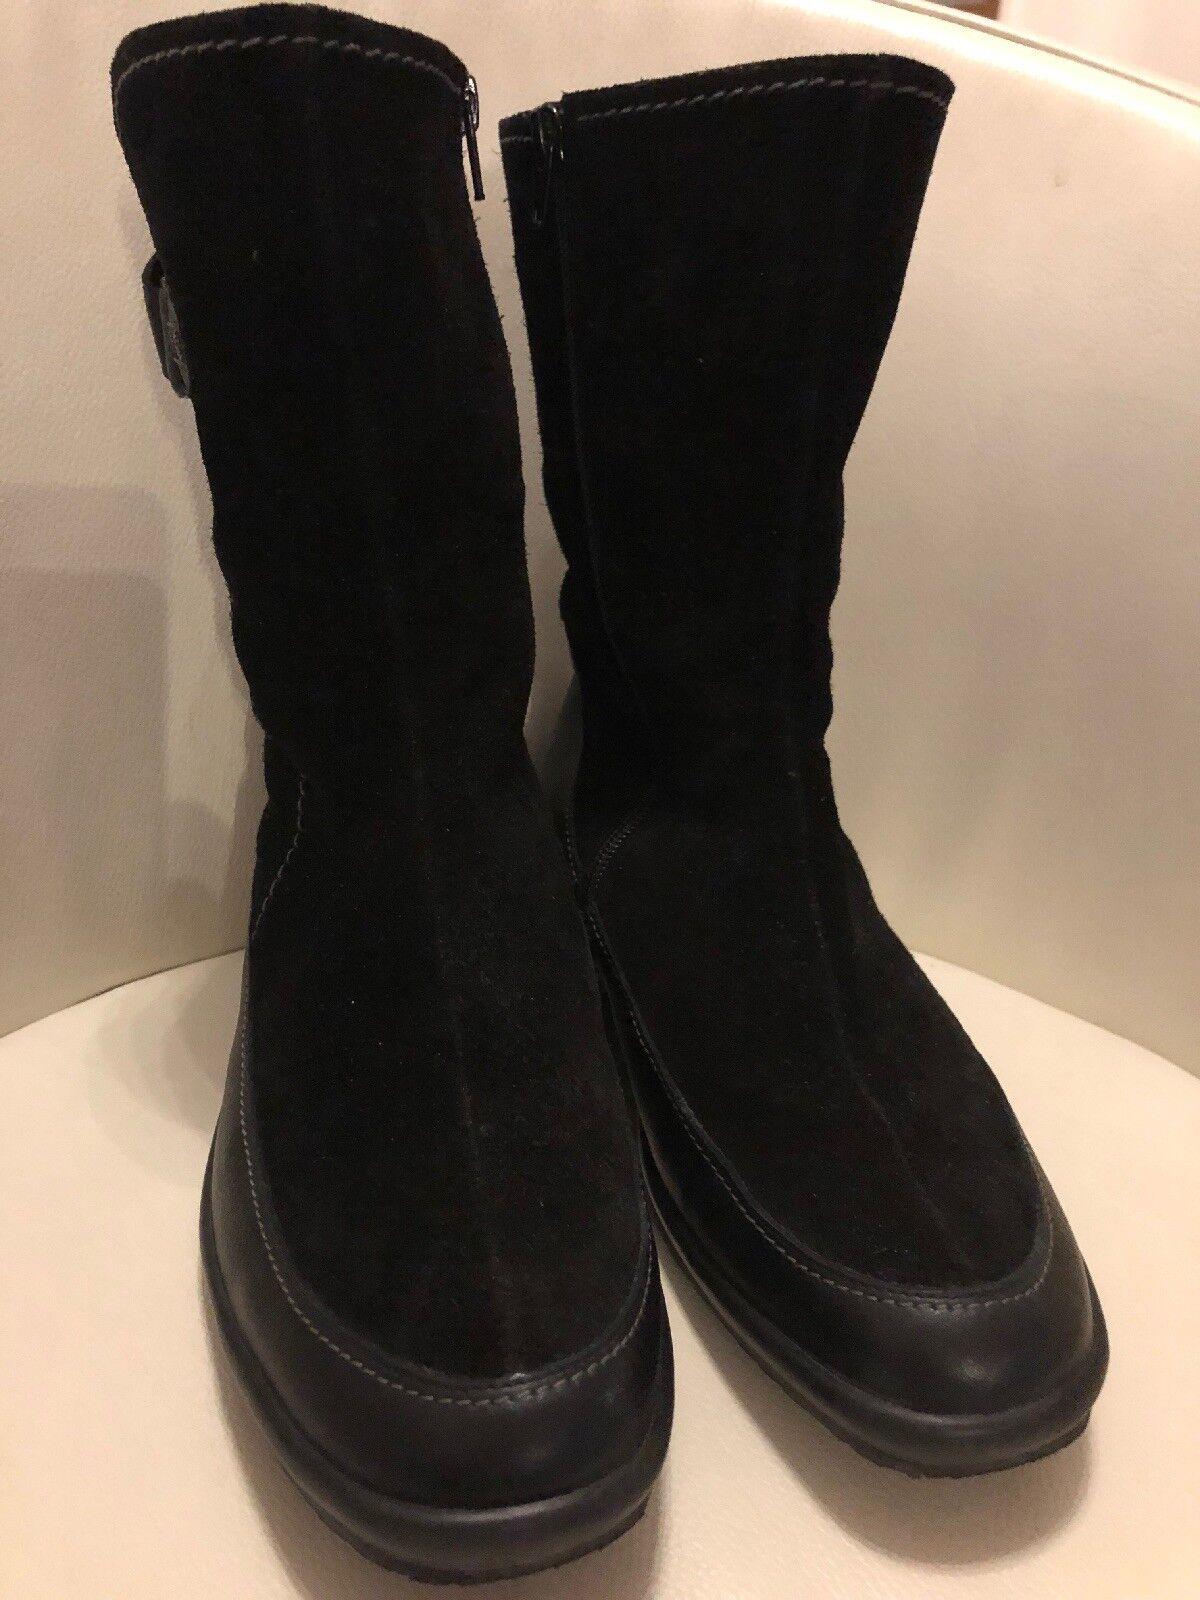 Damen Lederstiefel mit Lammfell Gr. 5 ½ schwarz schwarz schwarz neuwertig dae309